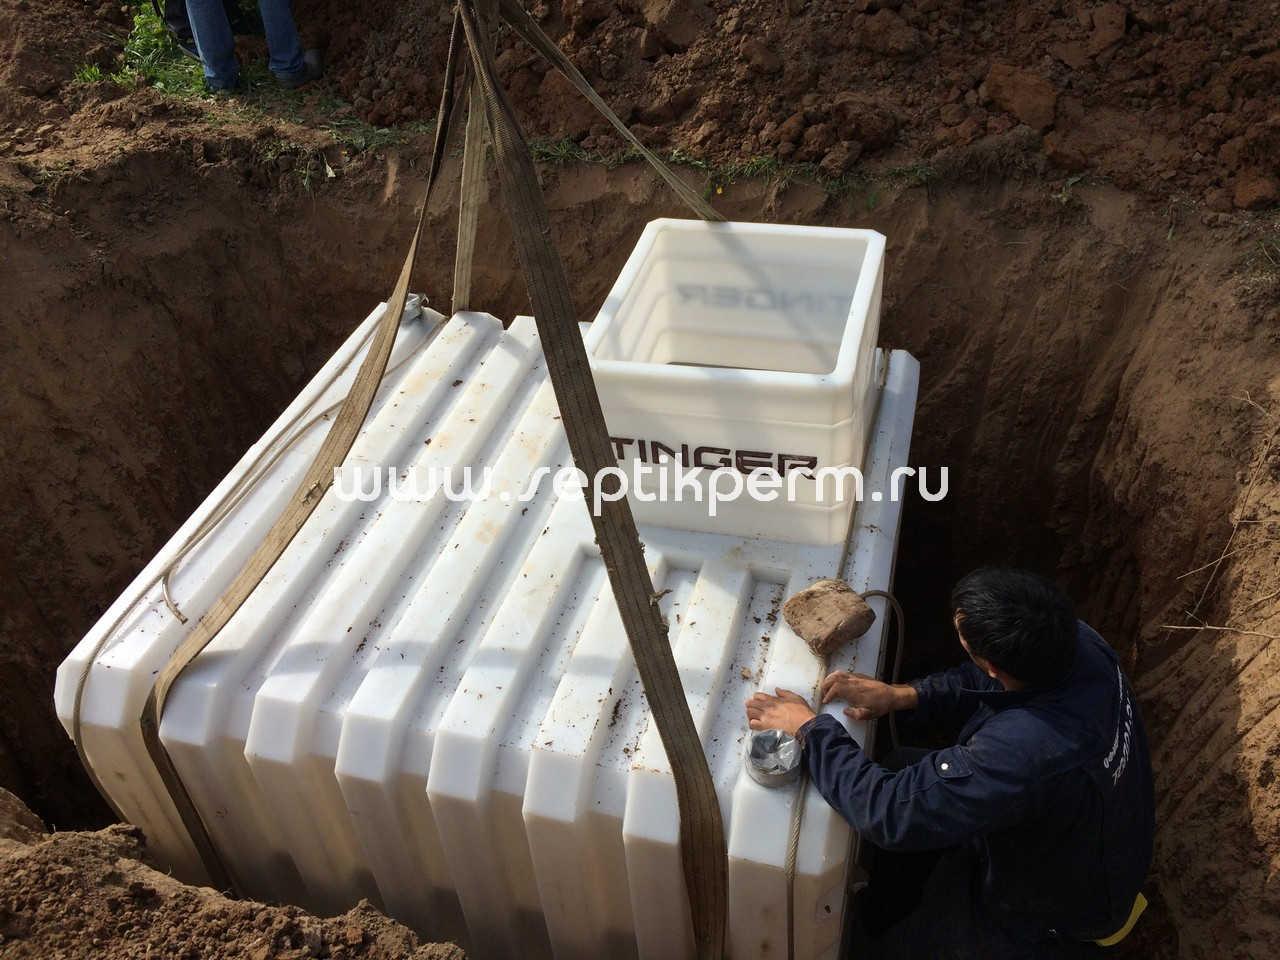 Установка погреба по уровню